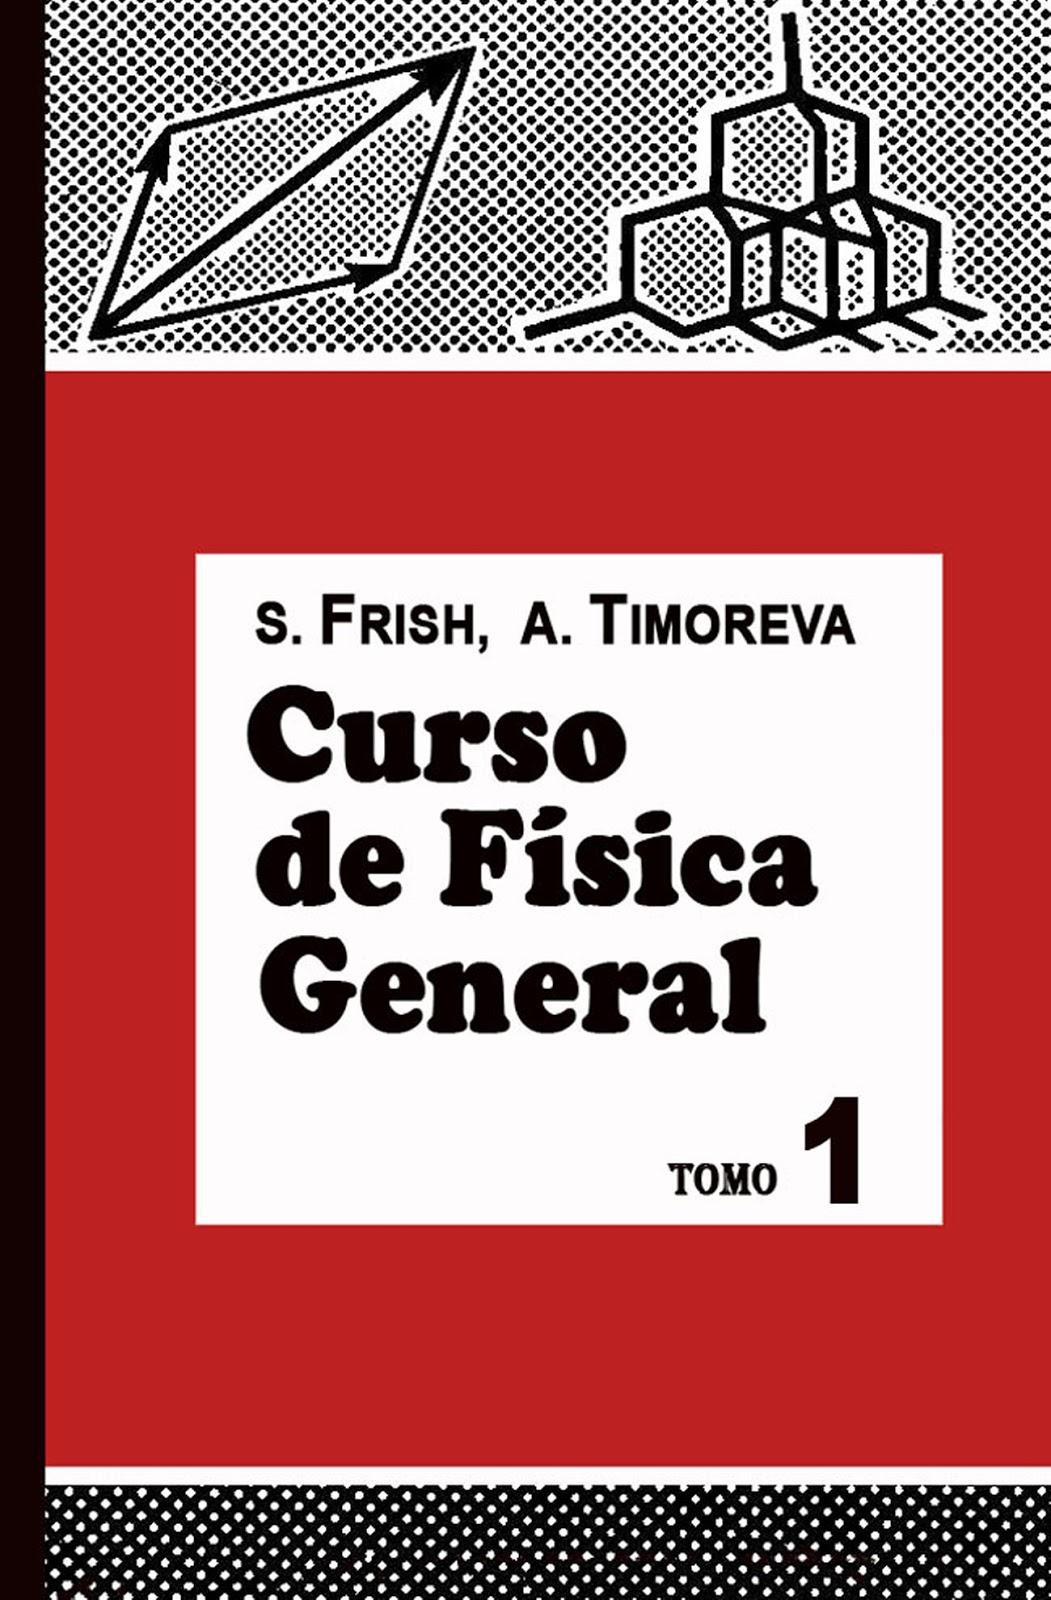 Curso de física general, Tomo 1 – S. Frish